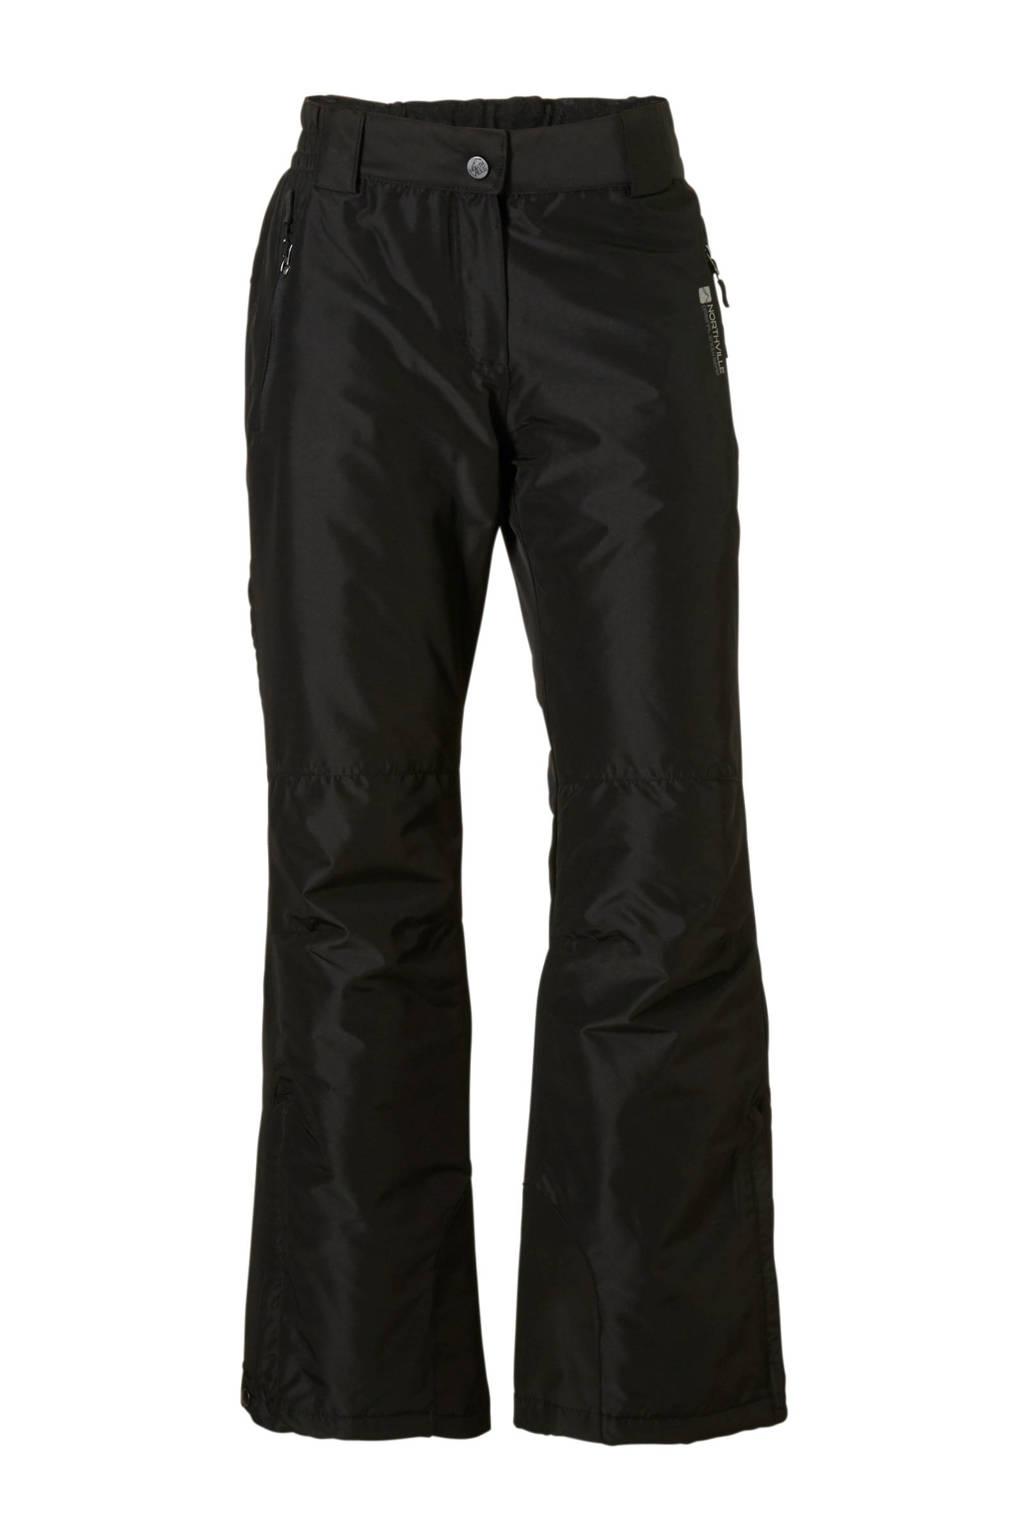 C&A Rodeo skibroek zwart, Zwart